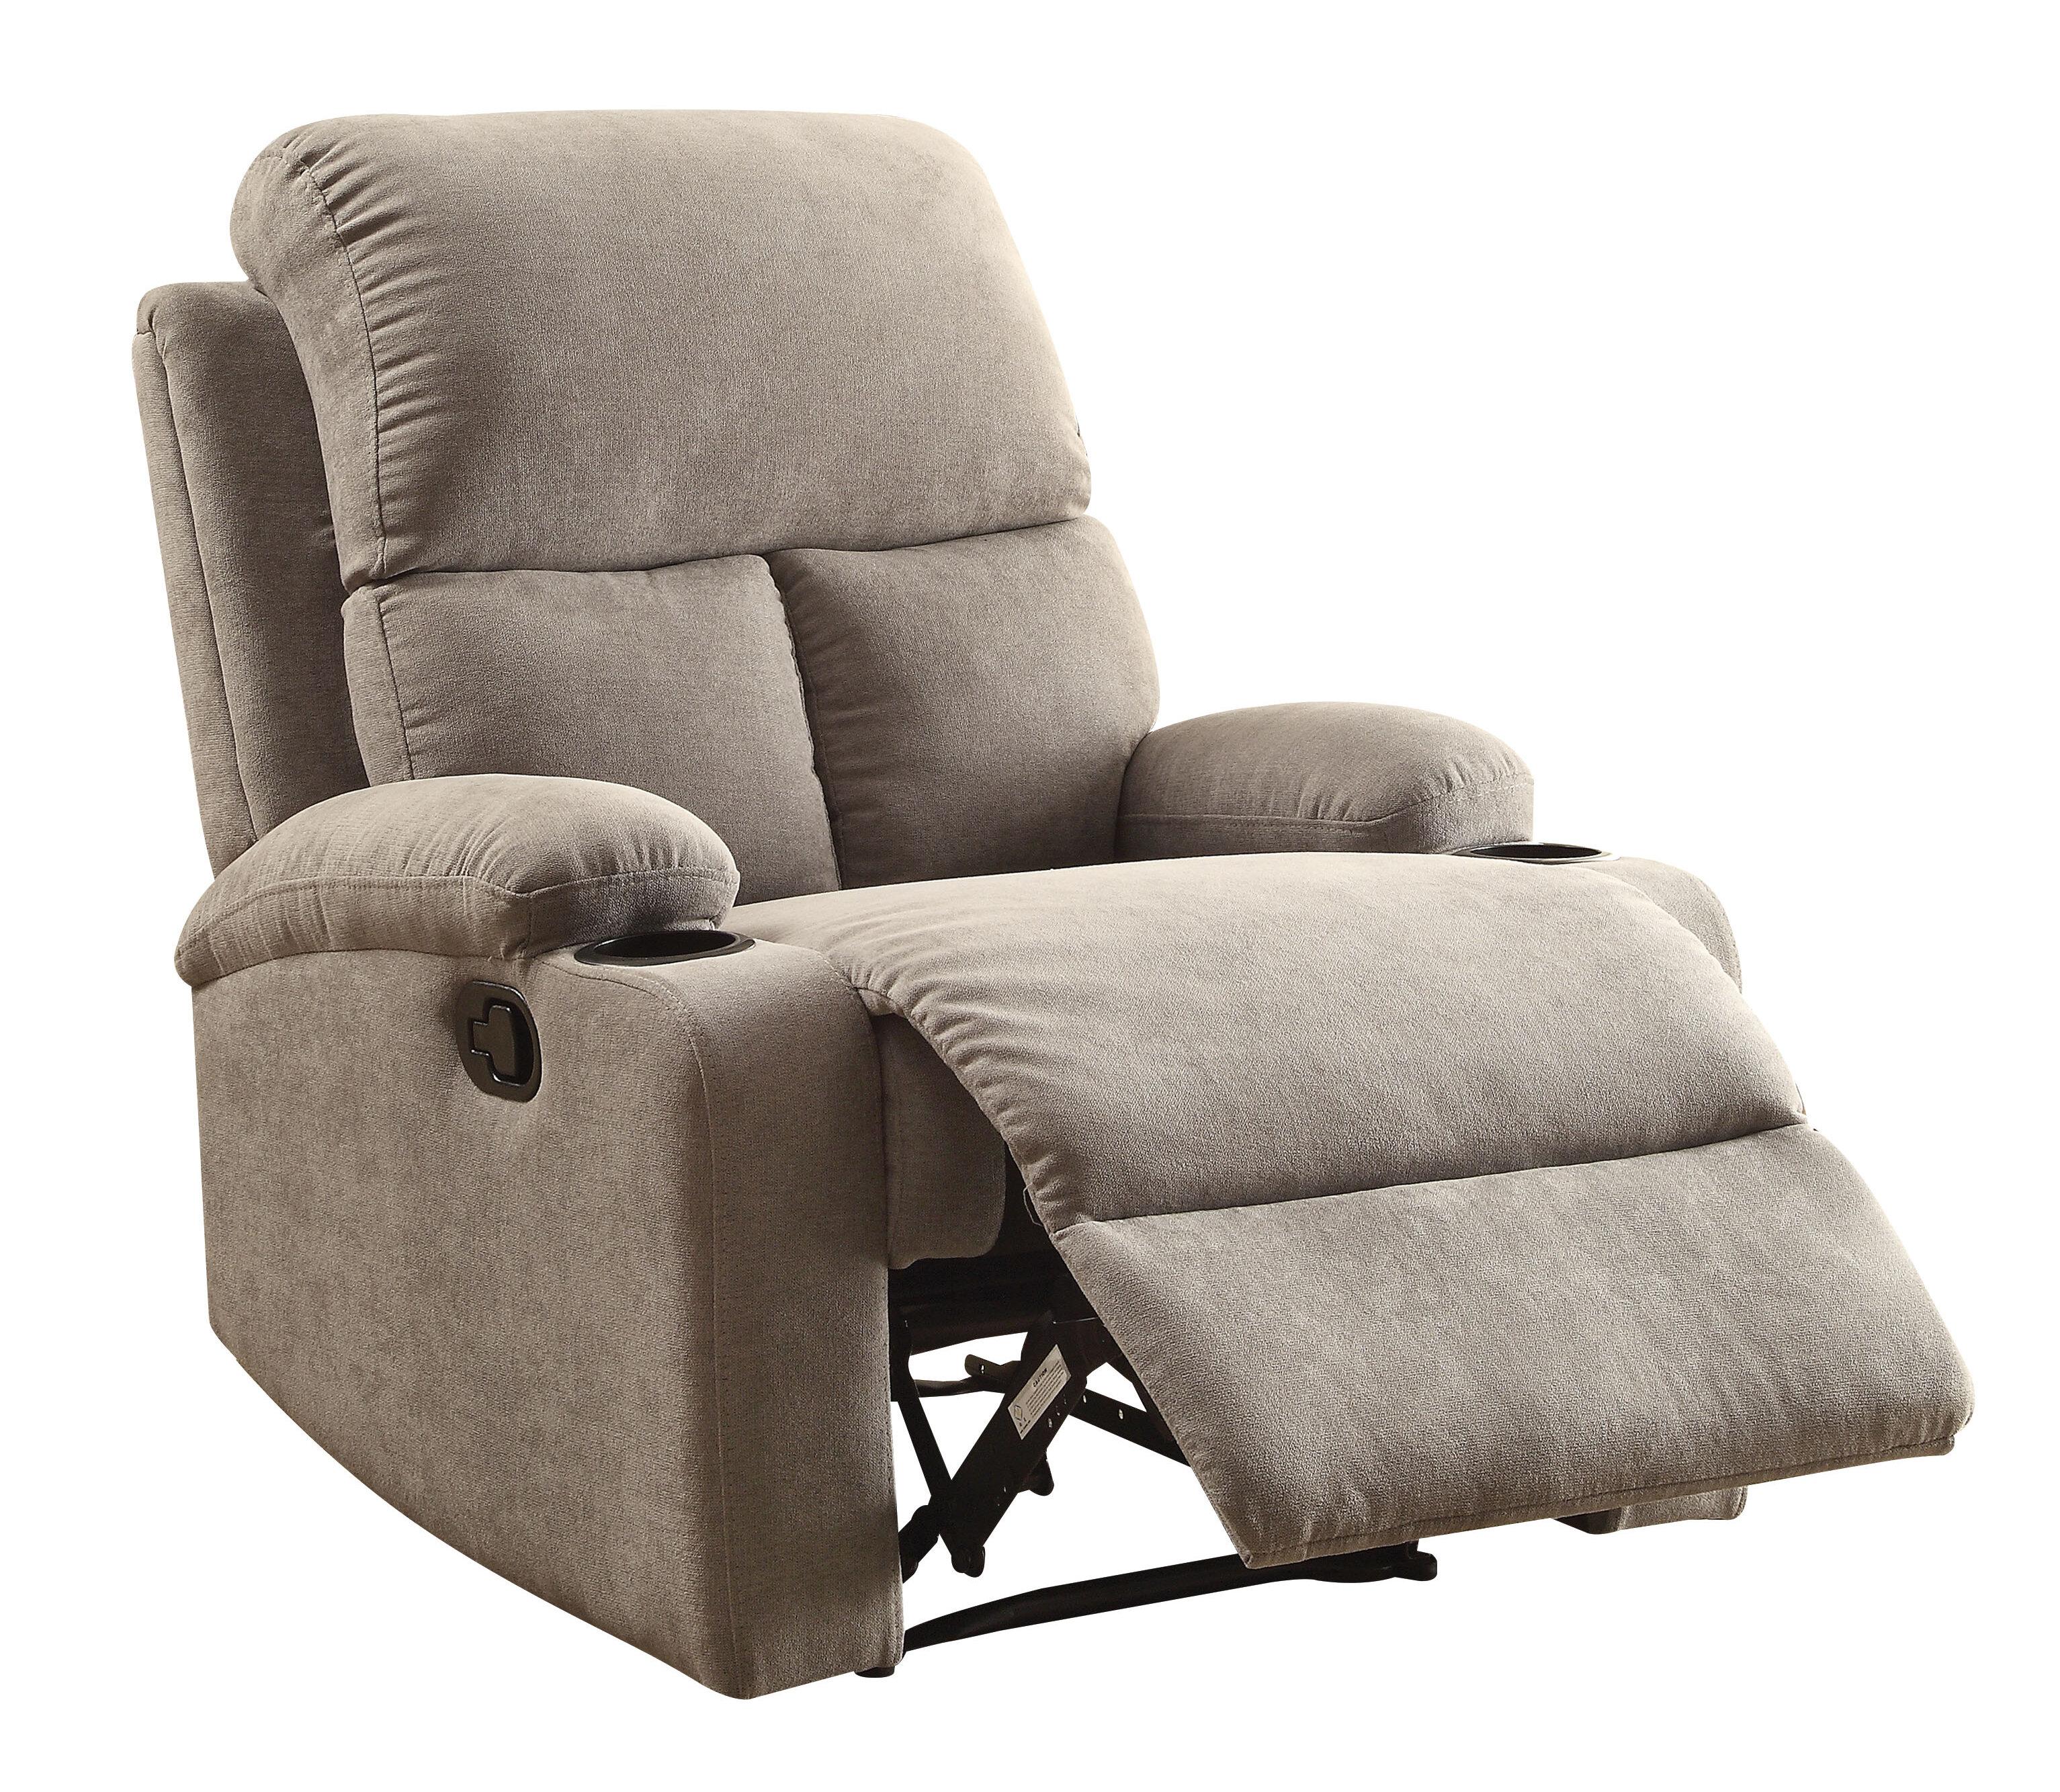 ACME Furniture Rosia Manual Recliner U0026 Reviews | Wayfair